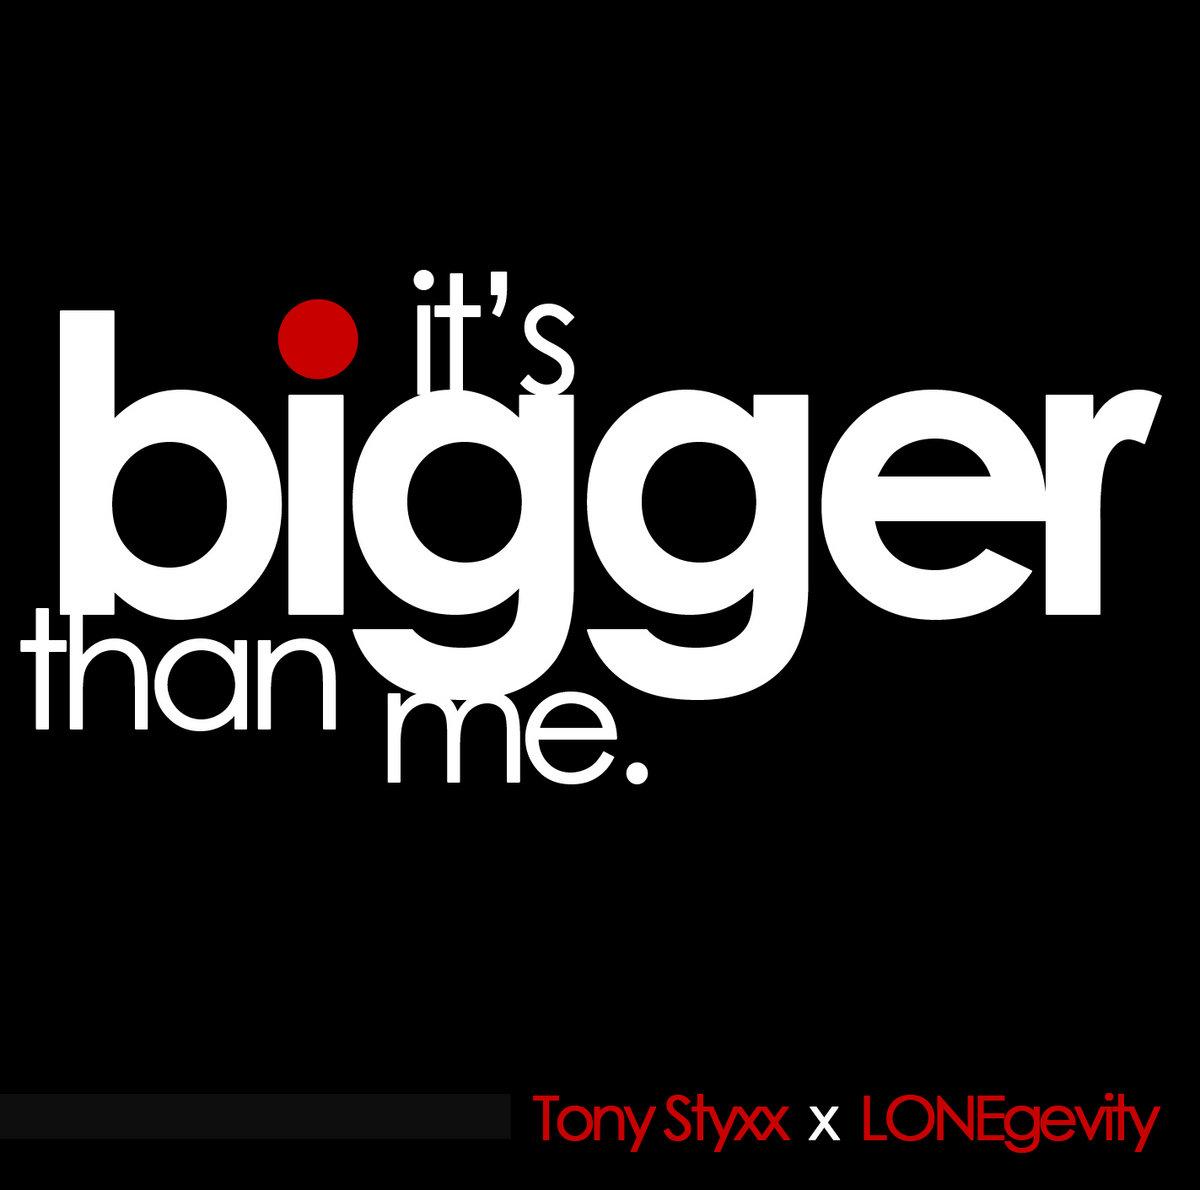 Bigger than me